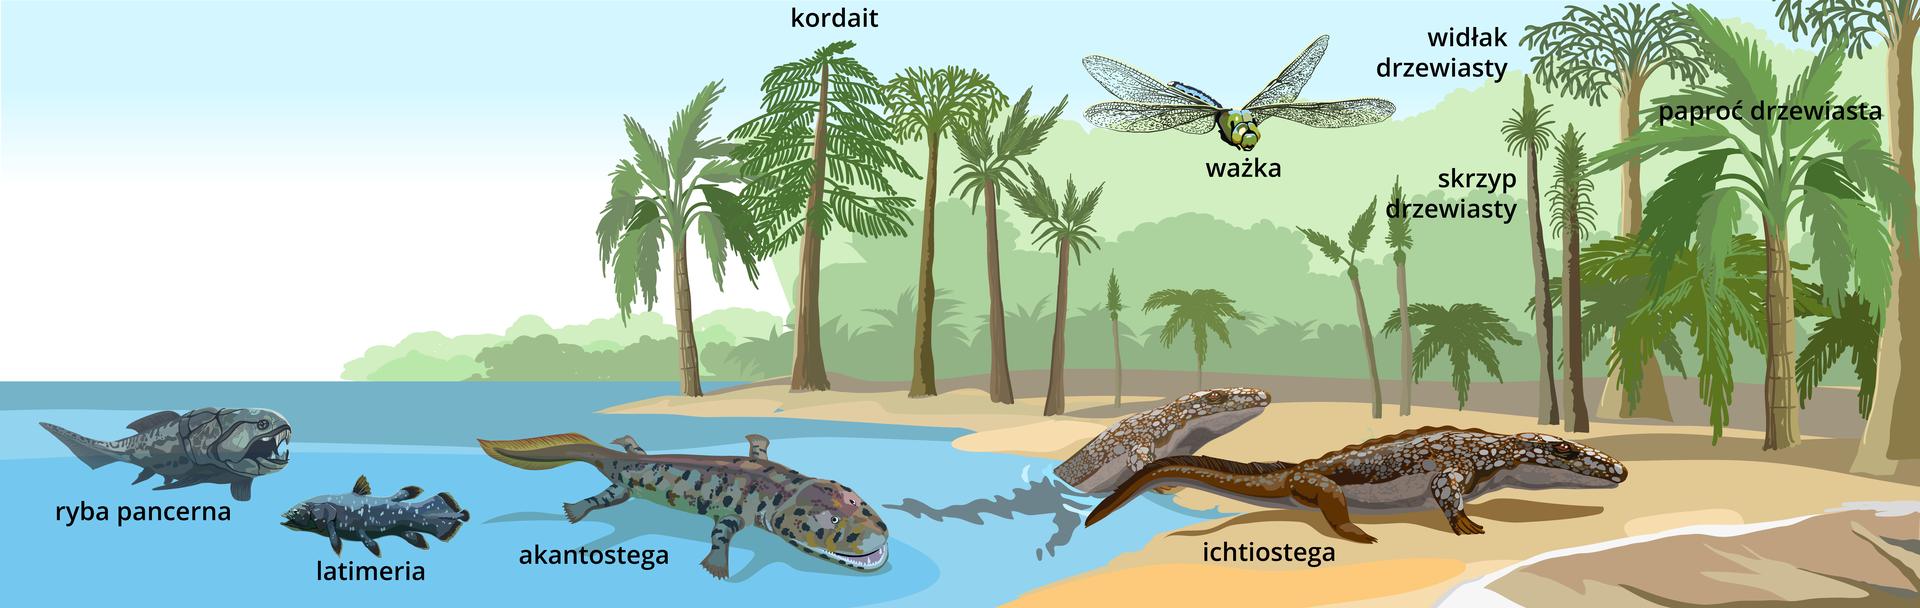 Grafika przedstawiająca erę wczesnych zwierząt lądowych – dominację płazów. Na lądzie widać las karboński: drzewiaste widłaki, paprocie, skrzypy, nieliczne nasienne kordaity. Zwierzęta na lądzie to: ogromna ważka, ichtiostega (wychodząca zwody), akantostega, sejmuria, dimetrodon (gad ssakokształtny), azwierzęta wodne to ryba trzonopłetwa oraz ryba pancerna.